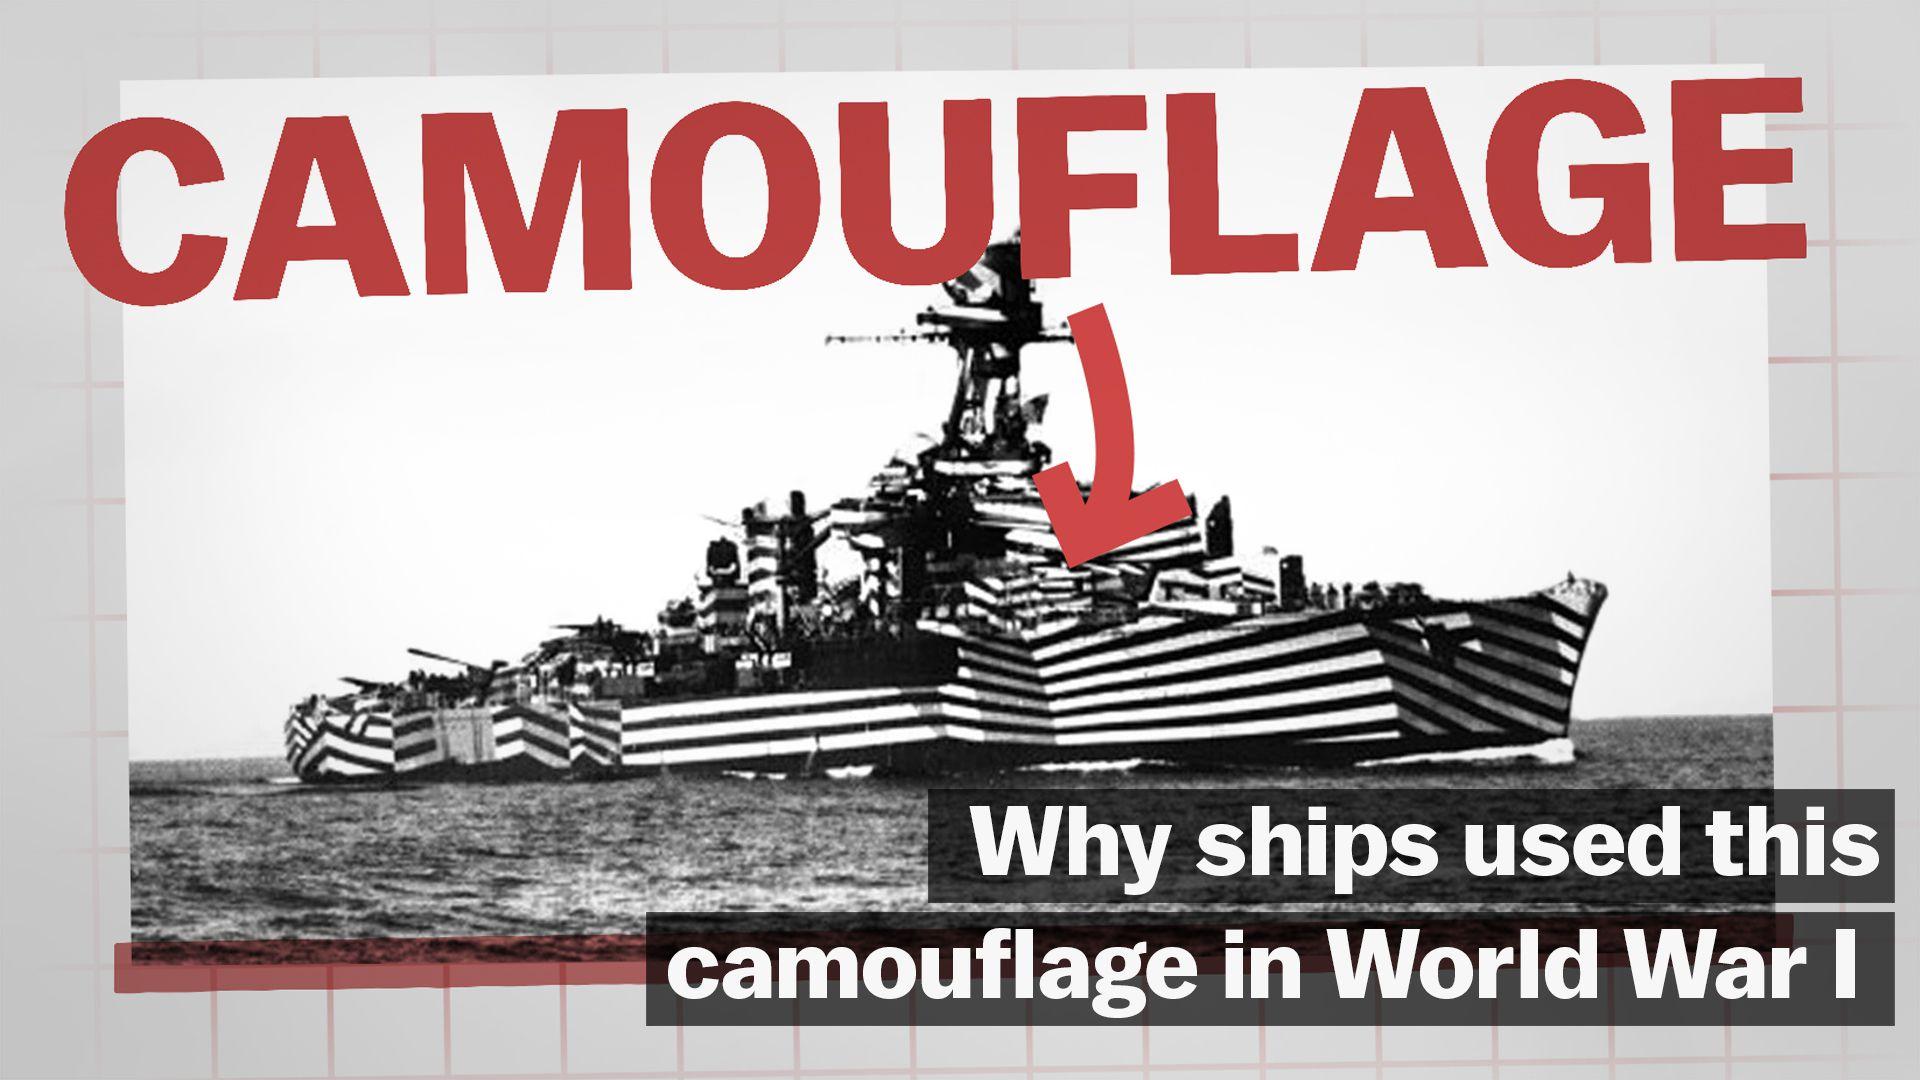 How dazzle camouflage kept ships safe during World War I - Vox